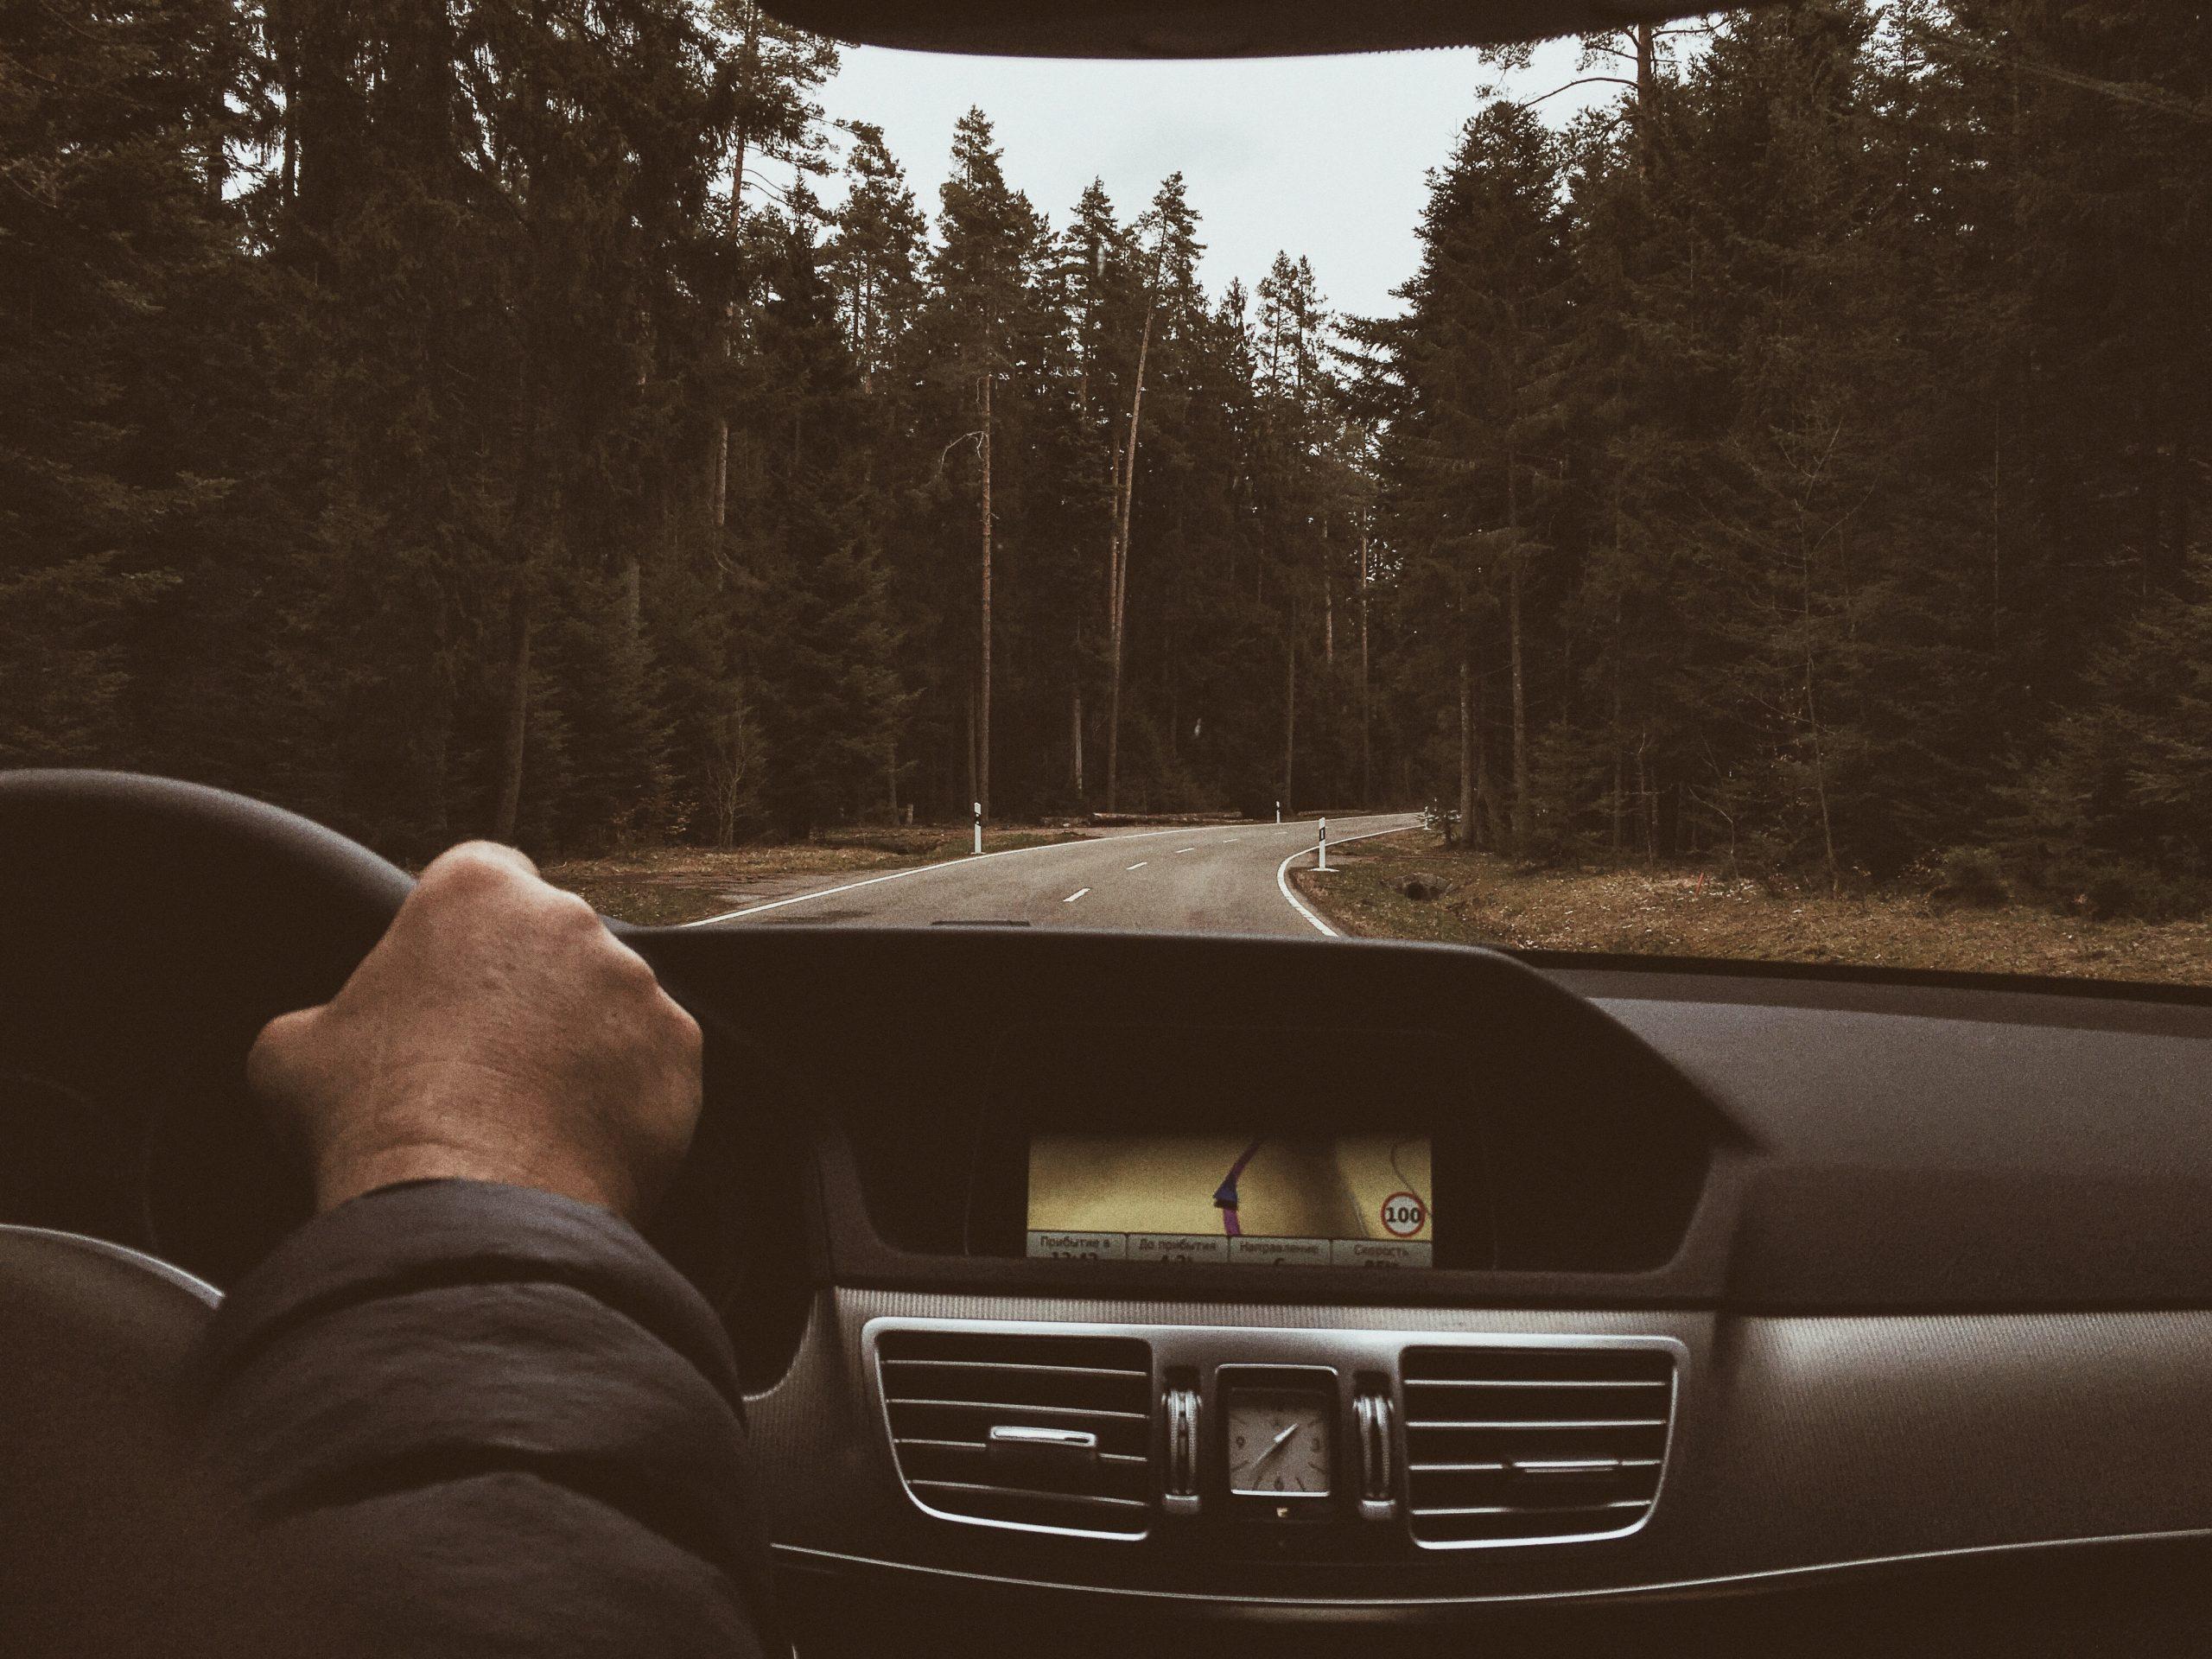 Przepisy drogowe Czechy